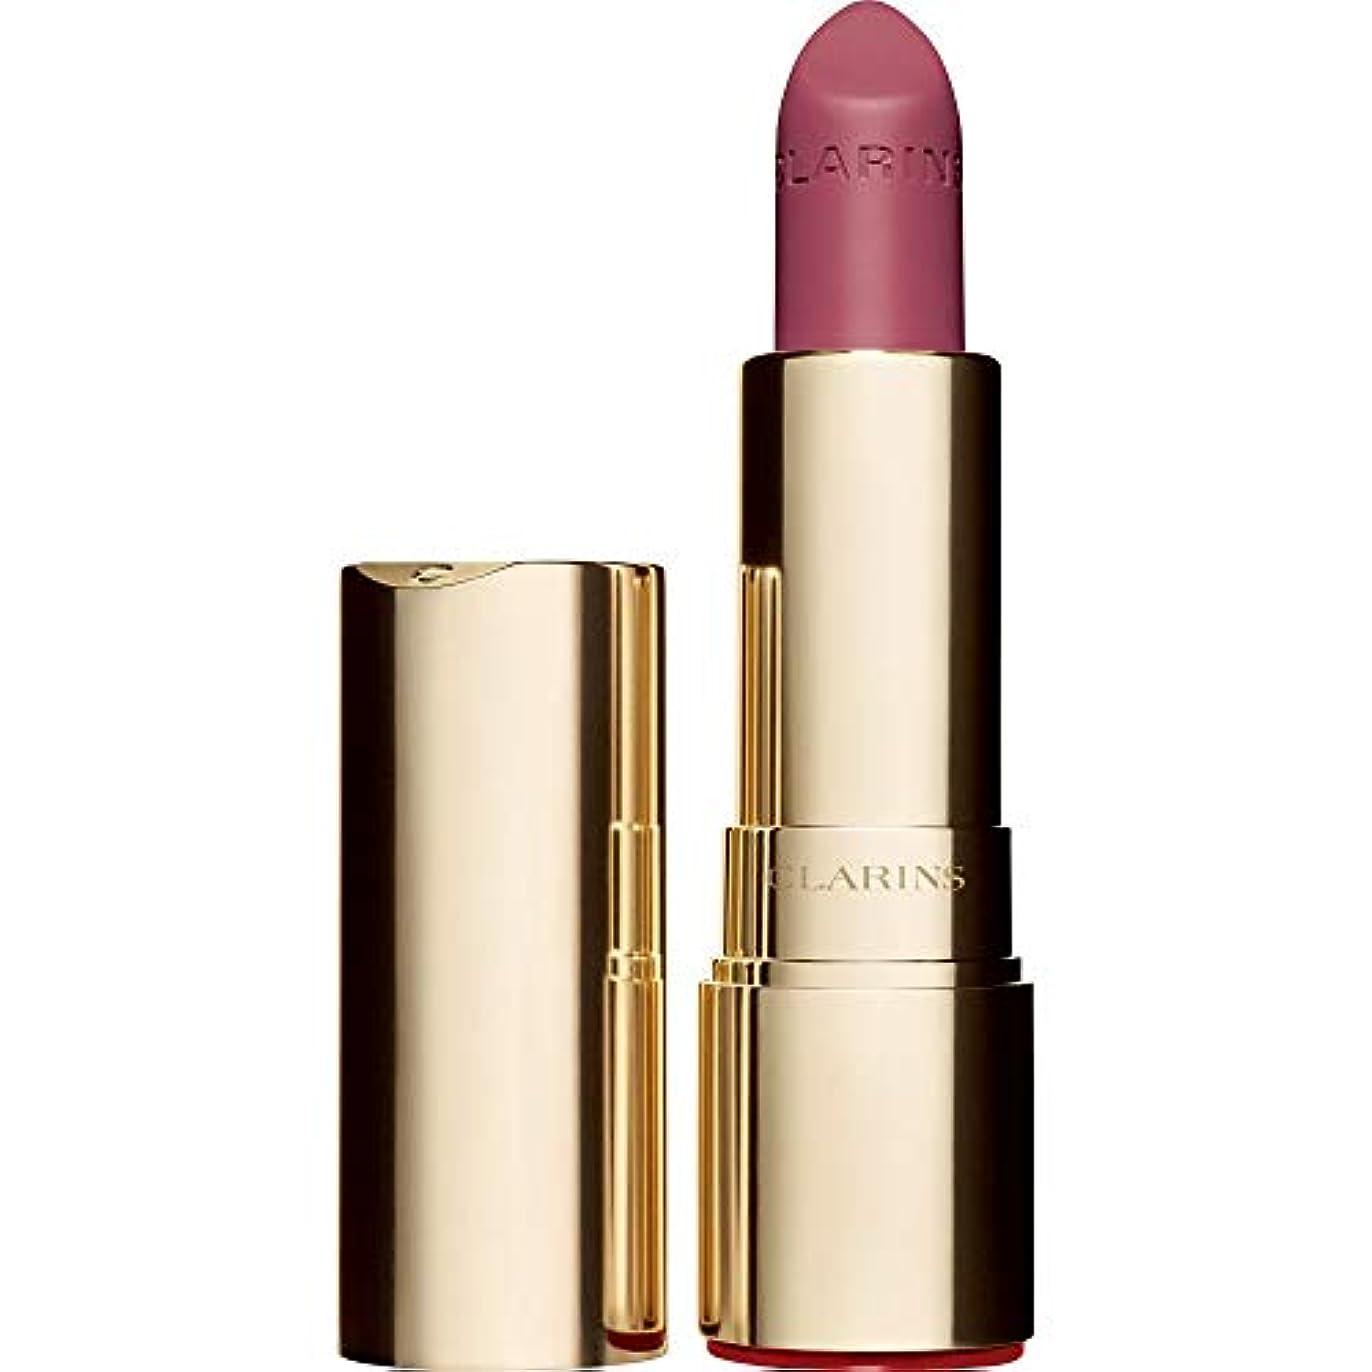 信じる書道落とし穴[Clarins ] クラランスジョリルージュのベルベットの口紅3.5グラムの755V - レイシ - Clarins Joli Rouge Velvet Lipstick 3.5g 755V - Litchi [並行輸入品]